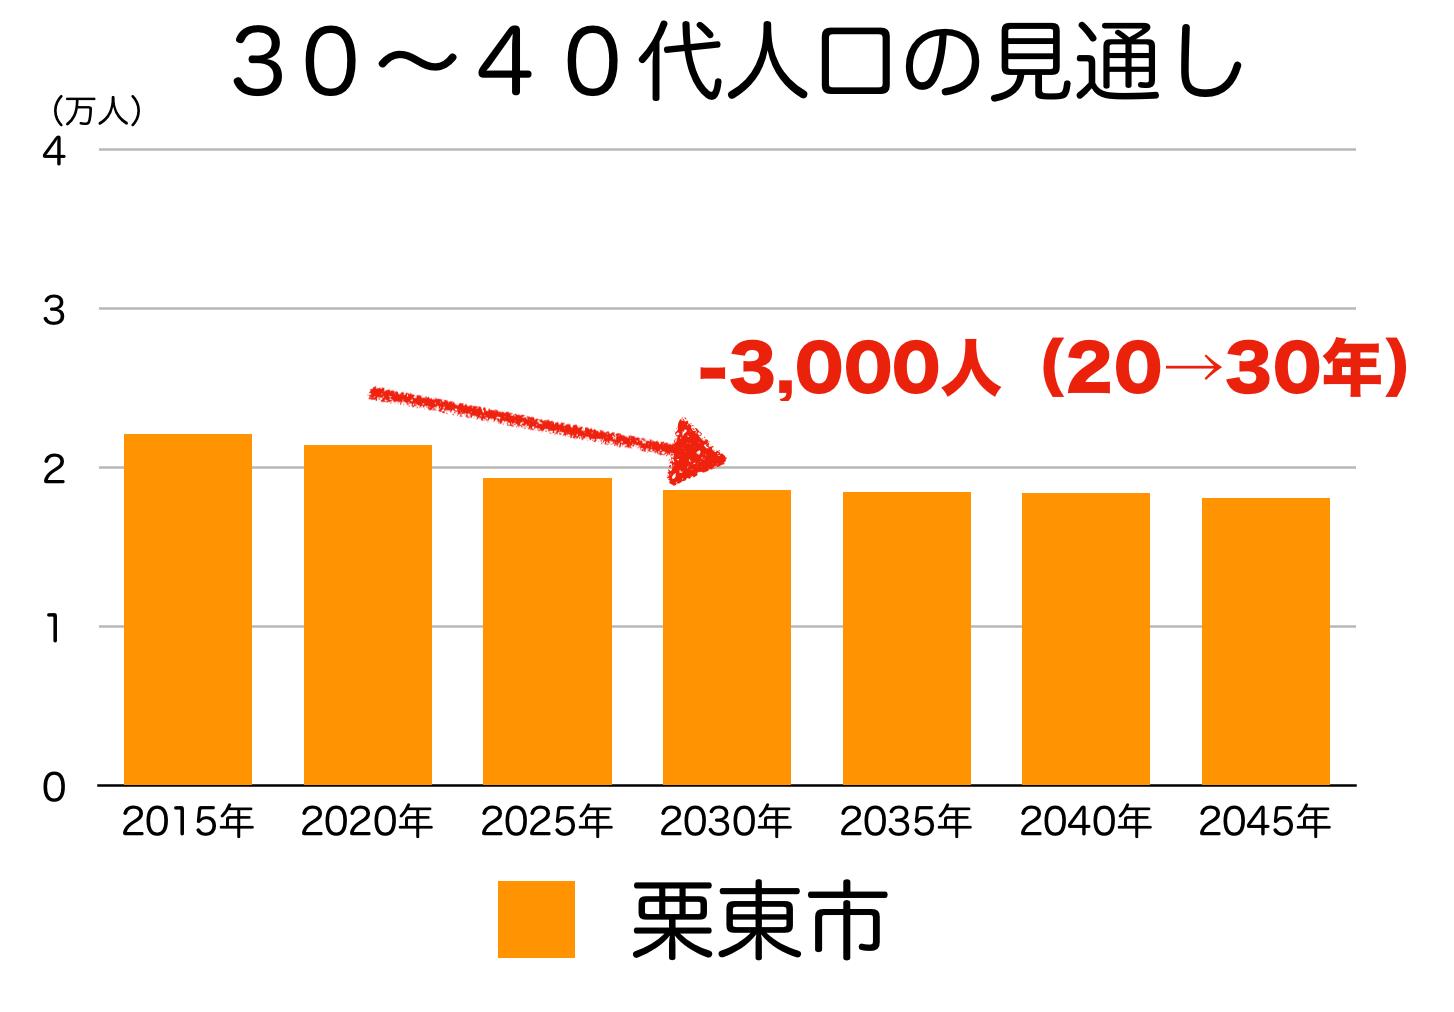 栗東市の30〜40代人口の予測